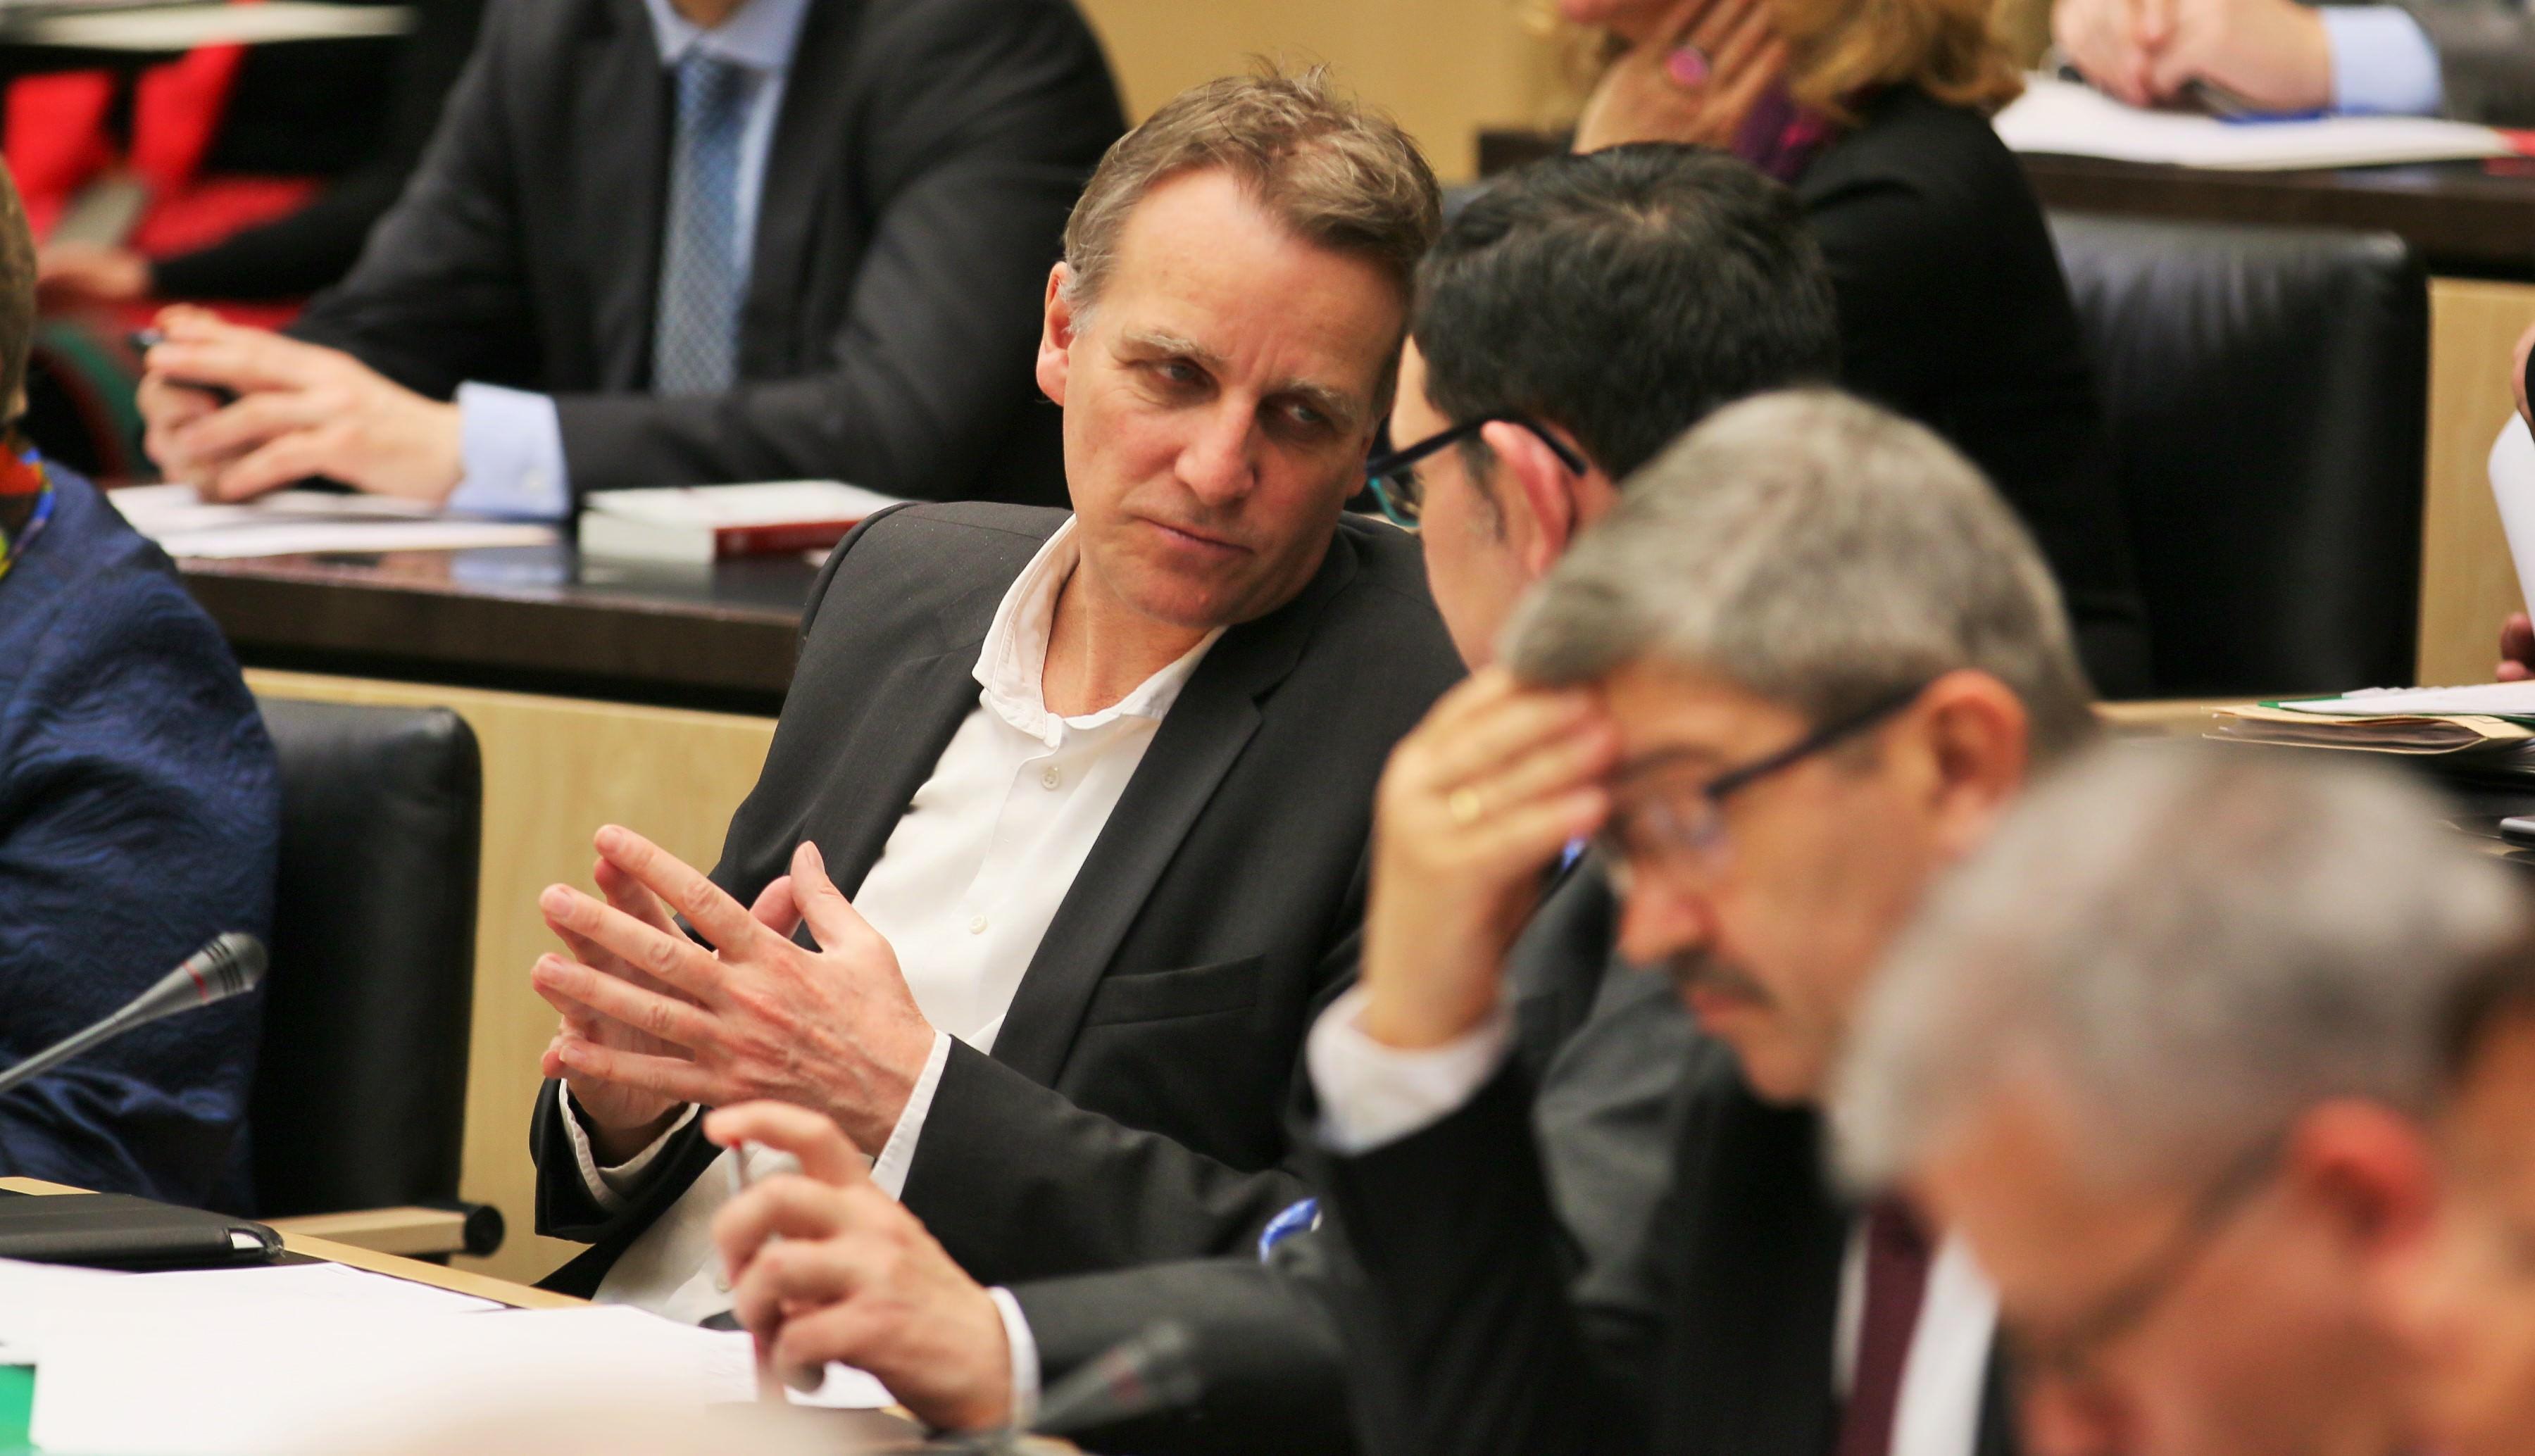 Umwelt- und Energieminister Stefan Wenzel im Gespräch mit Staatssekretär Michael Rüter